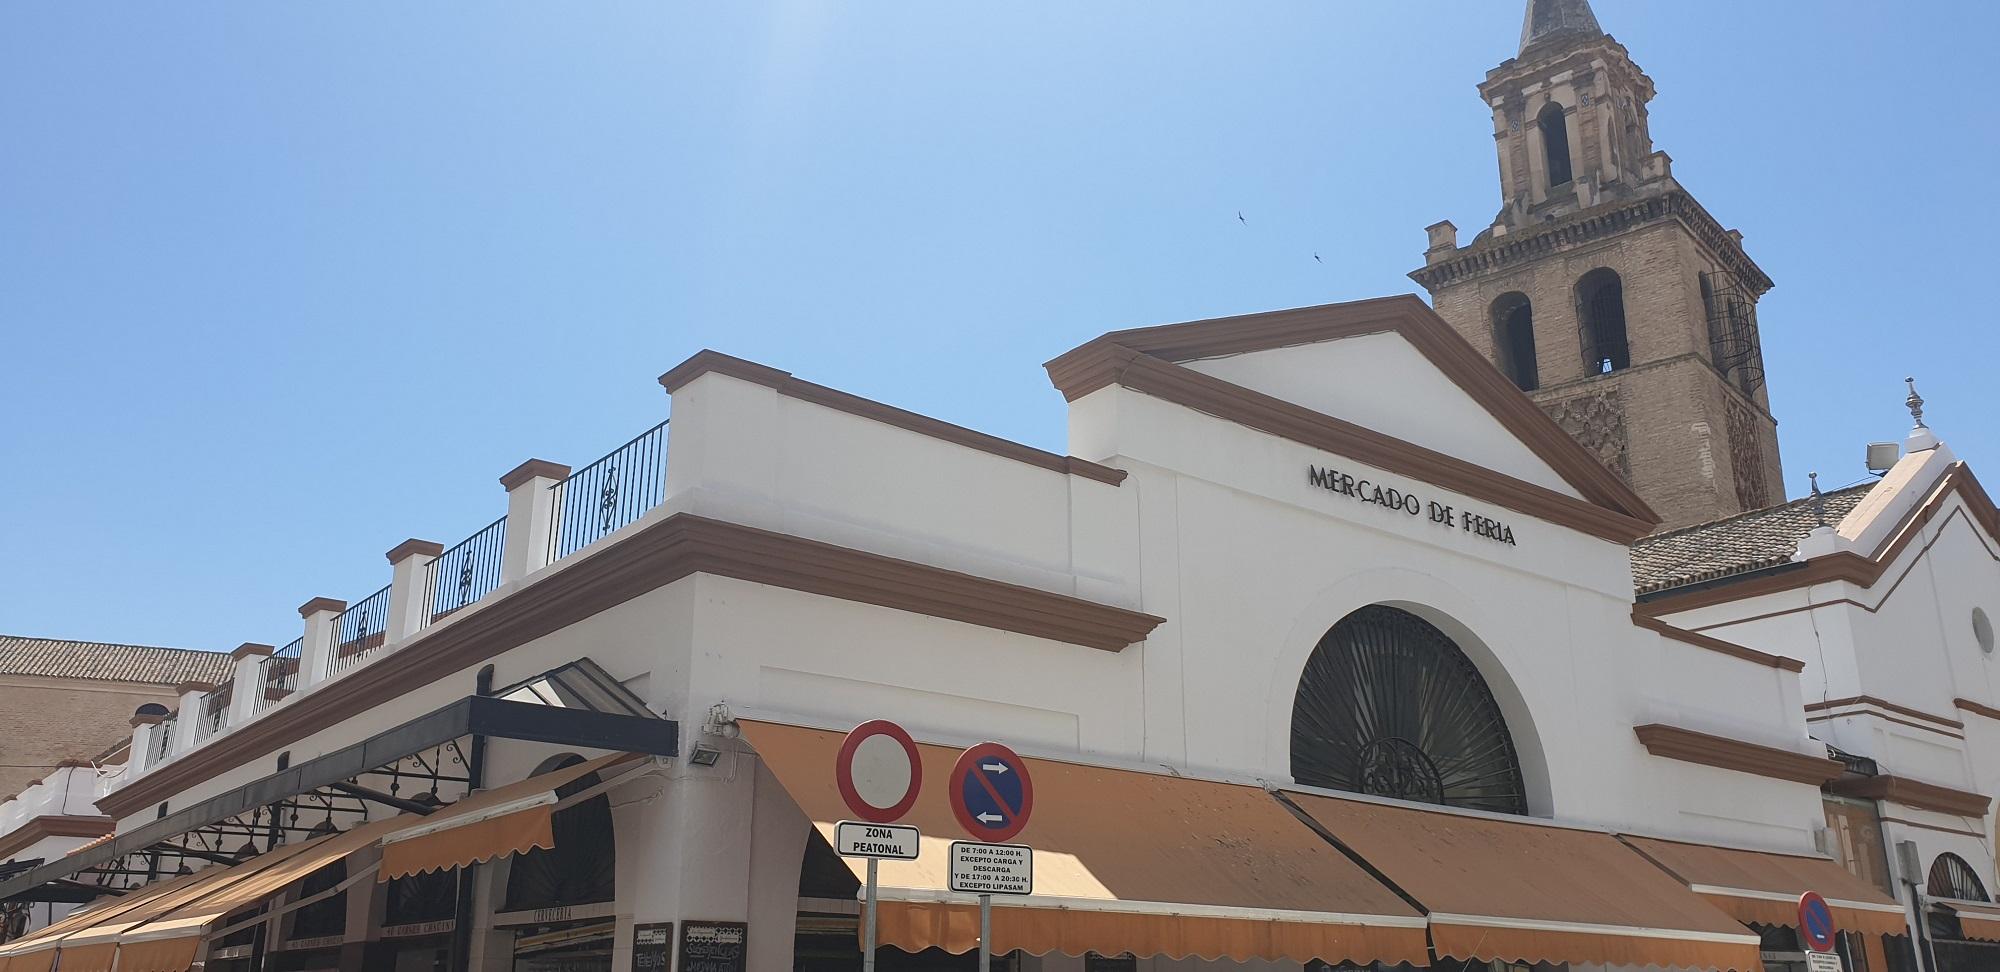 mercado calle feria sevilla